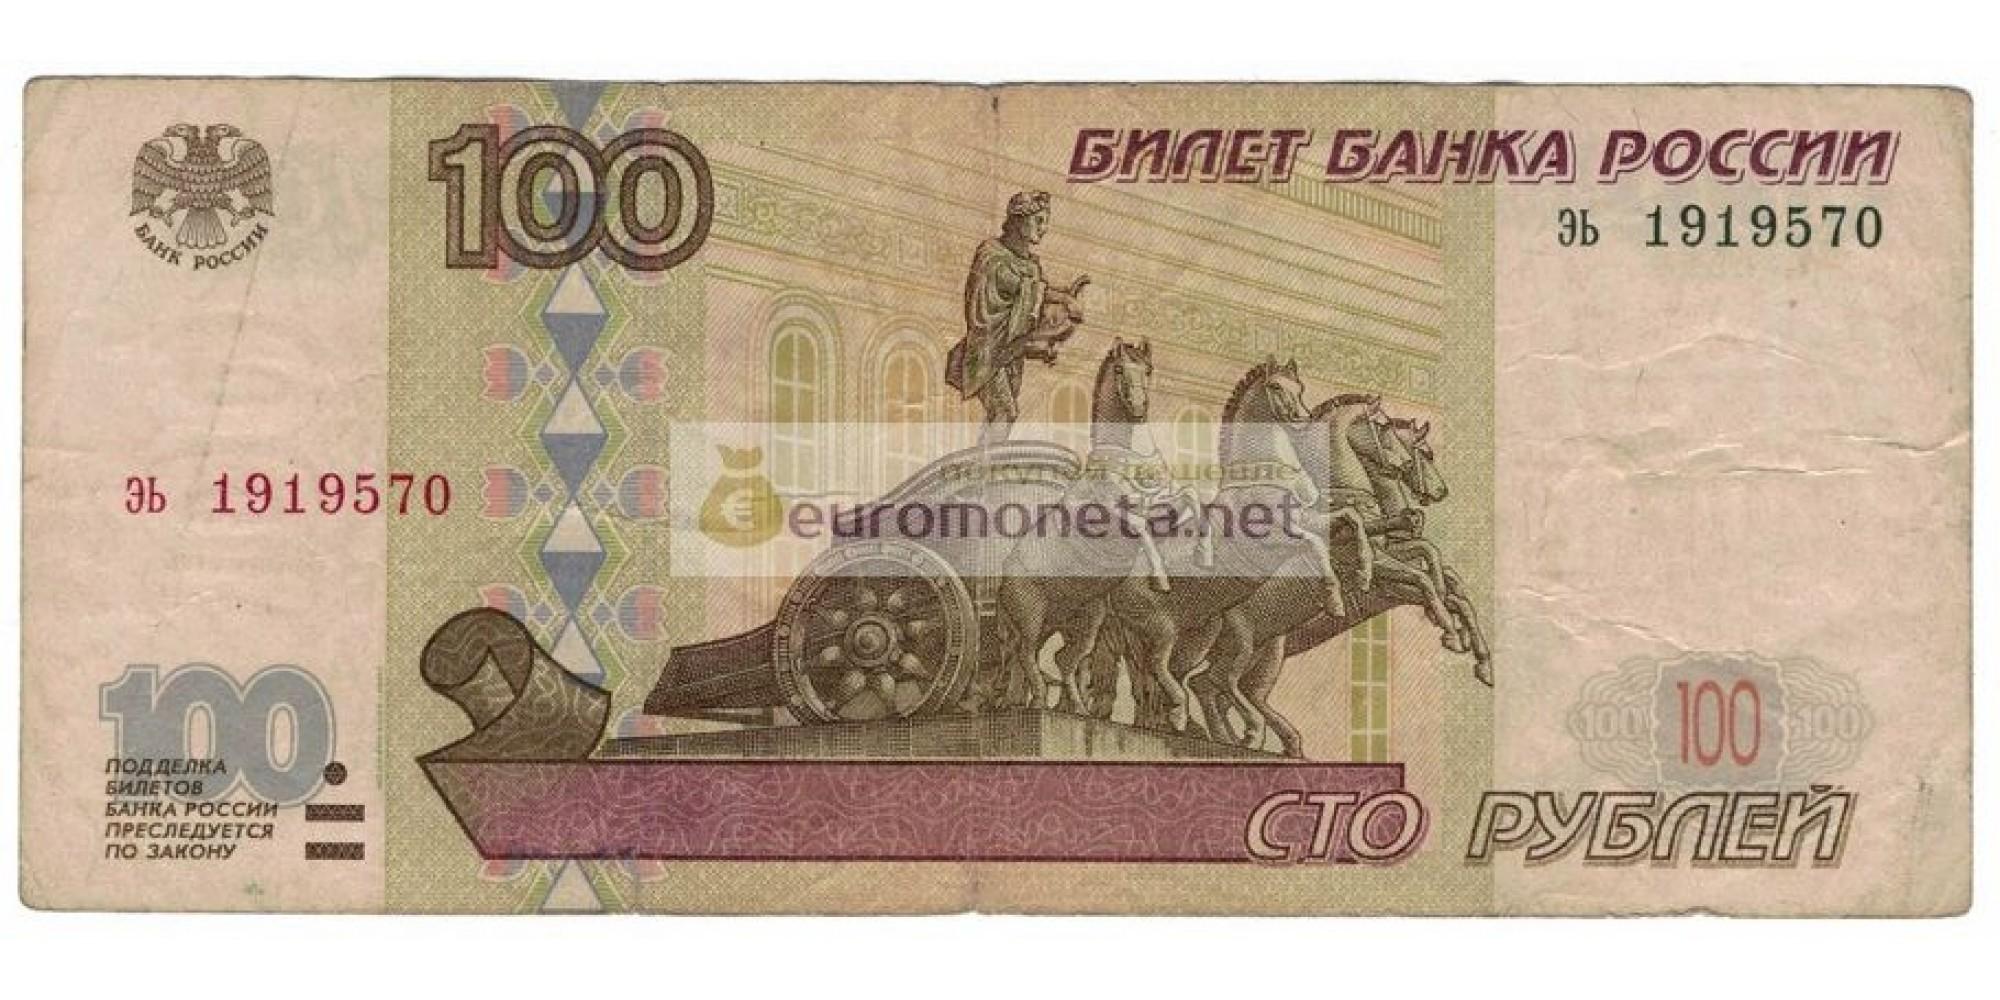 Россия 100 рублей 1997 год модификация 2001 год серия эь 1919570